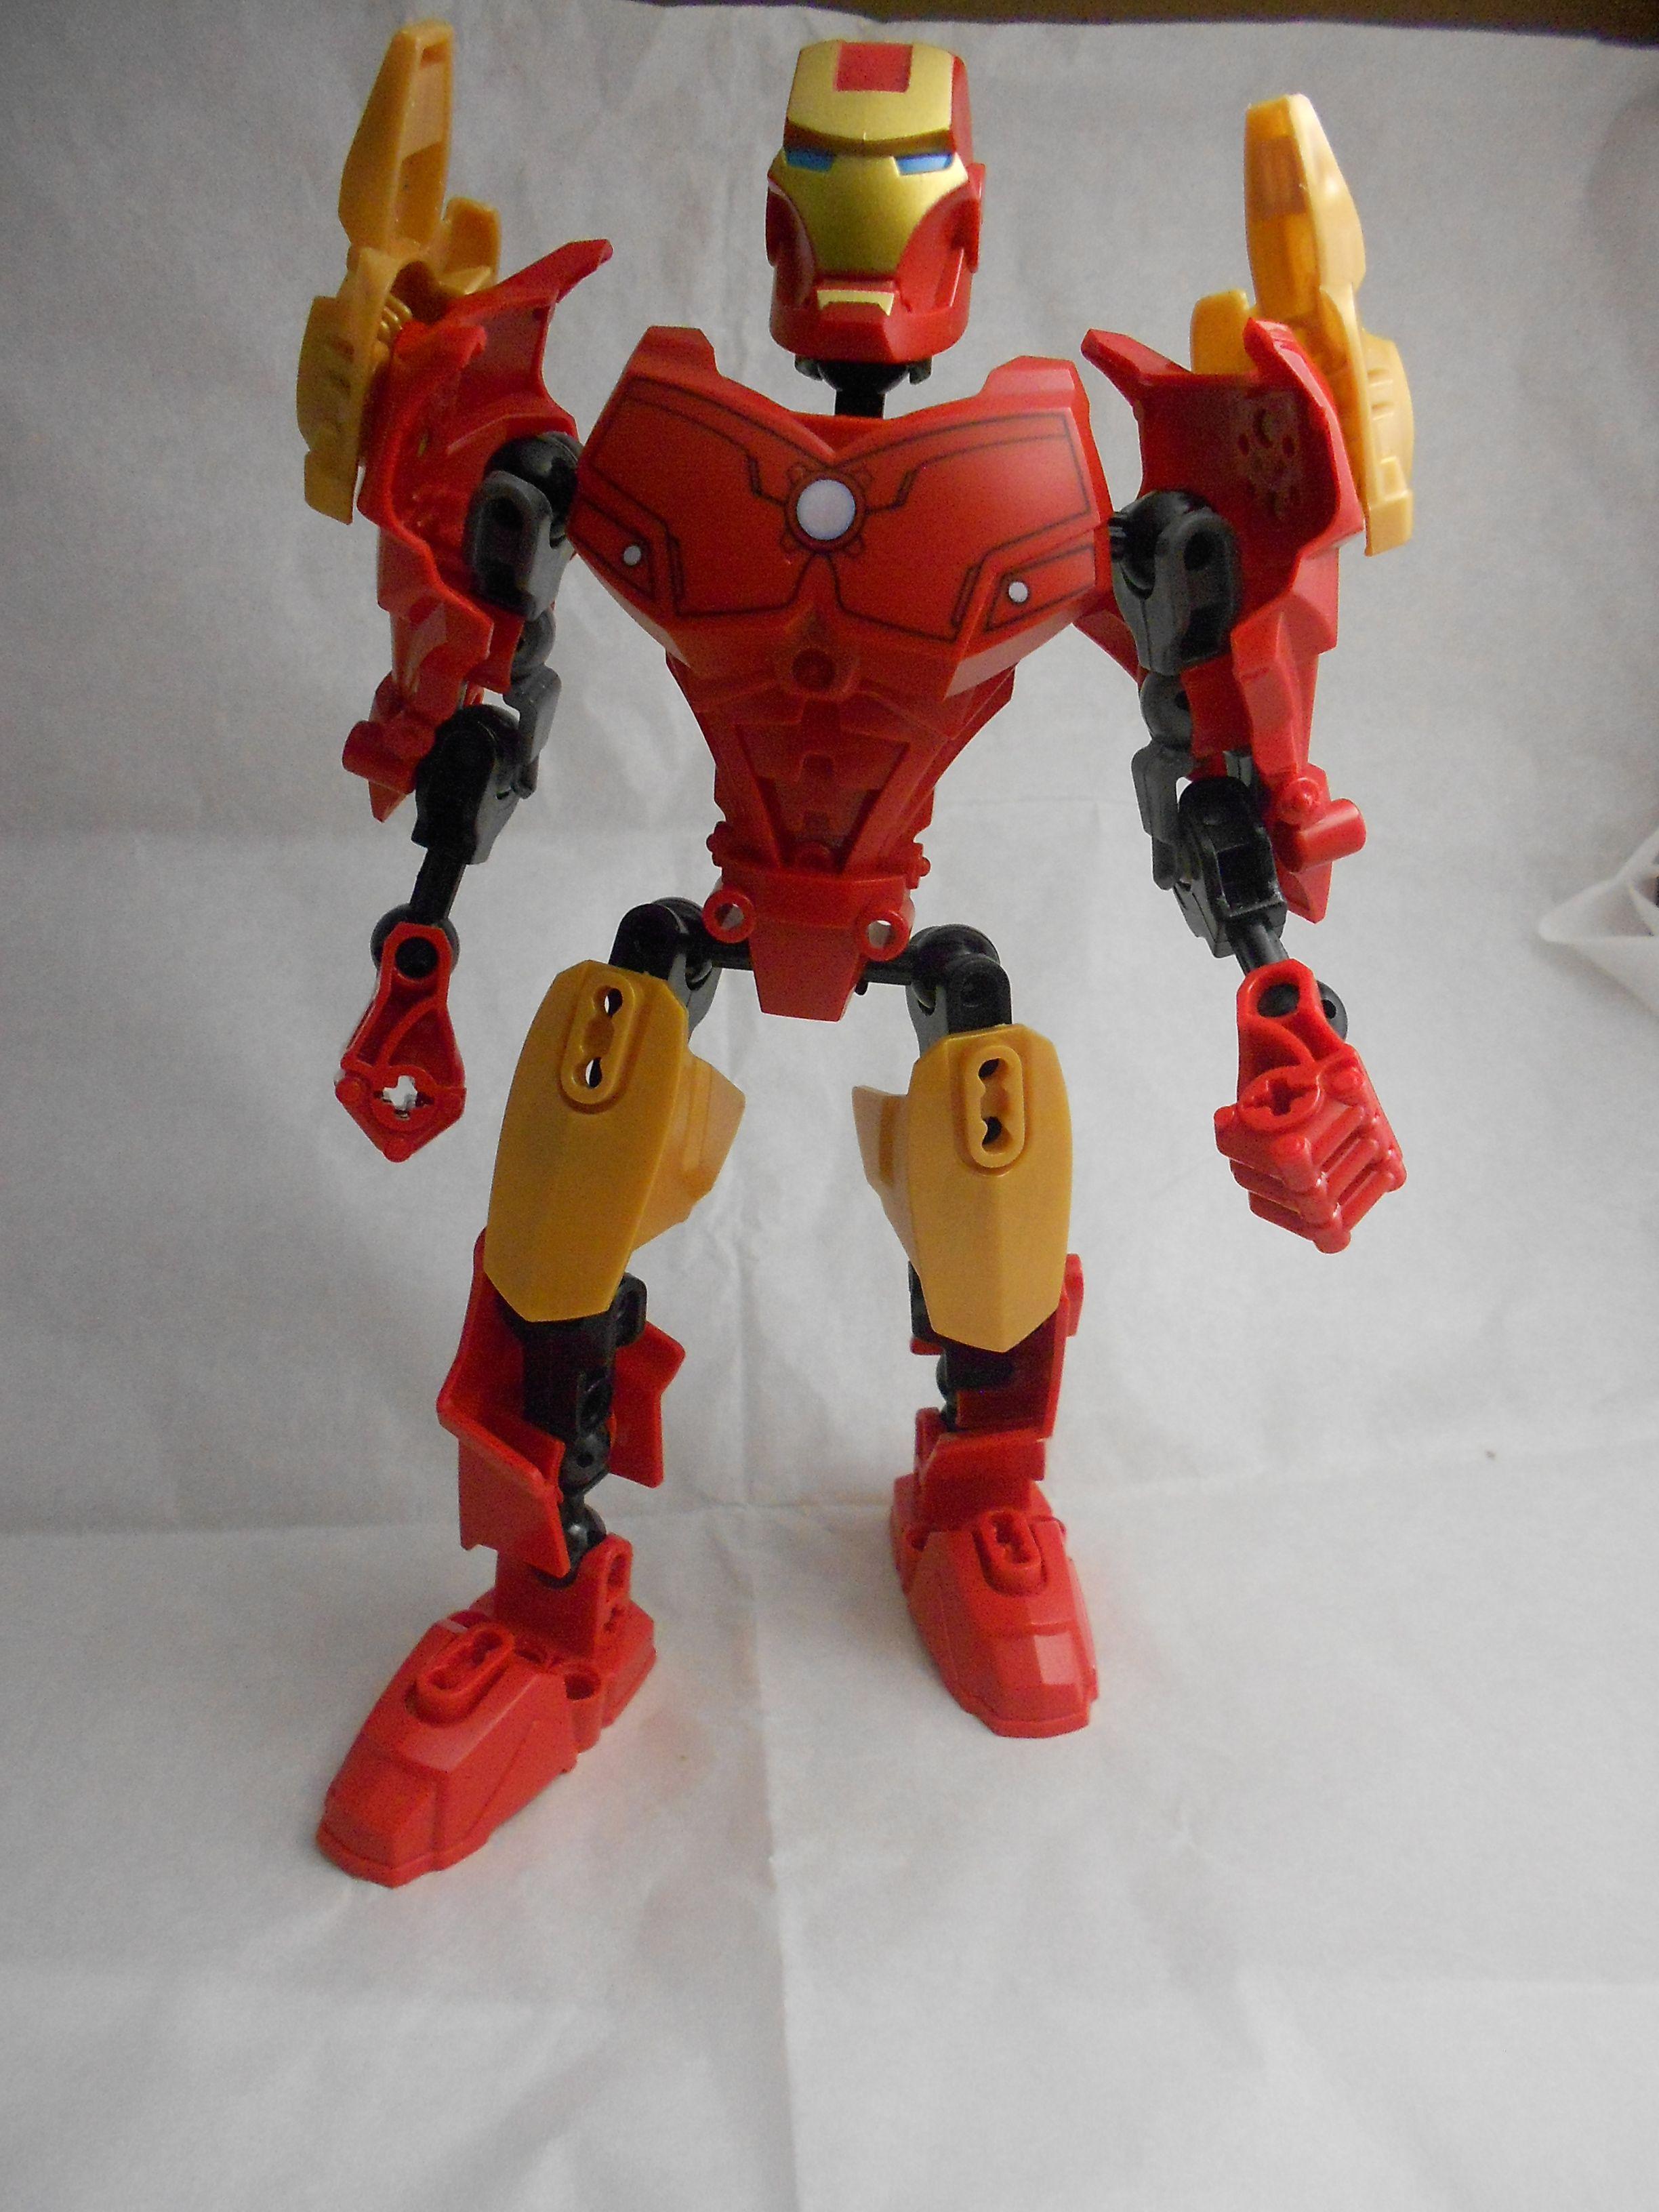 Iron Man Decool Lego KW